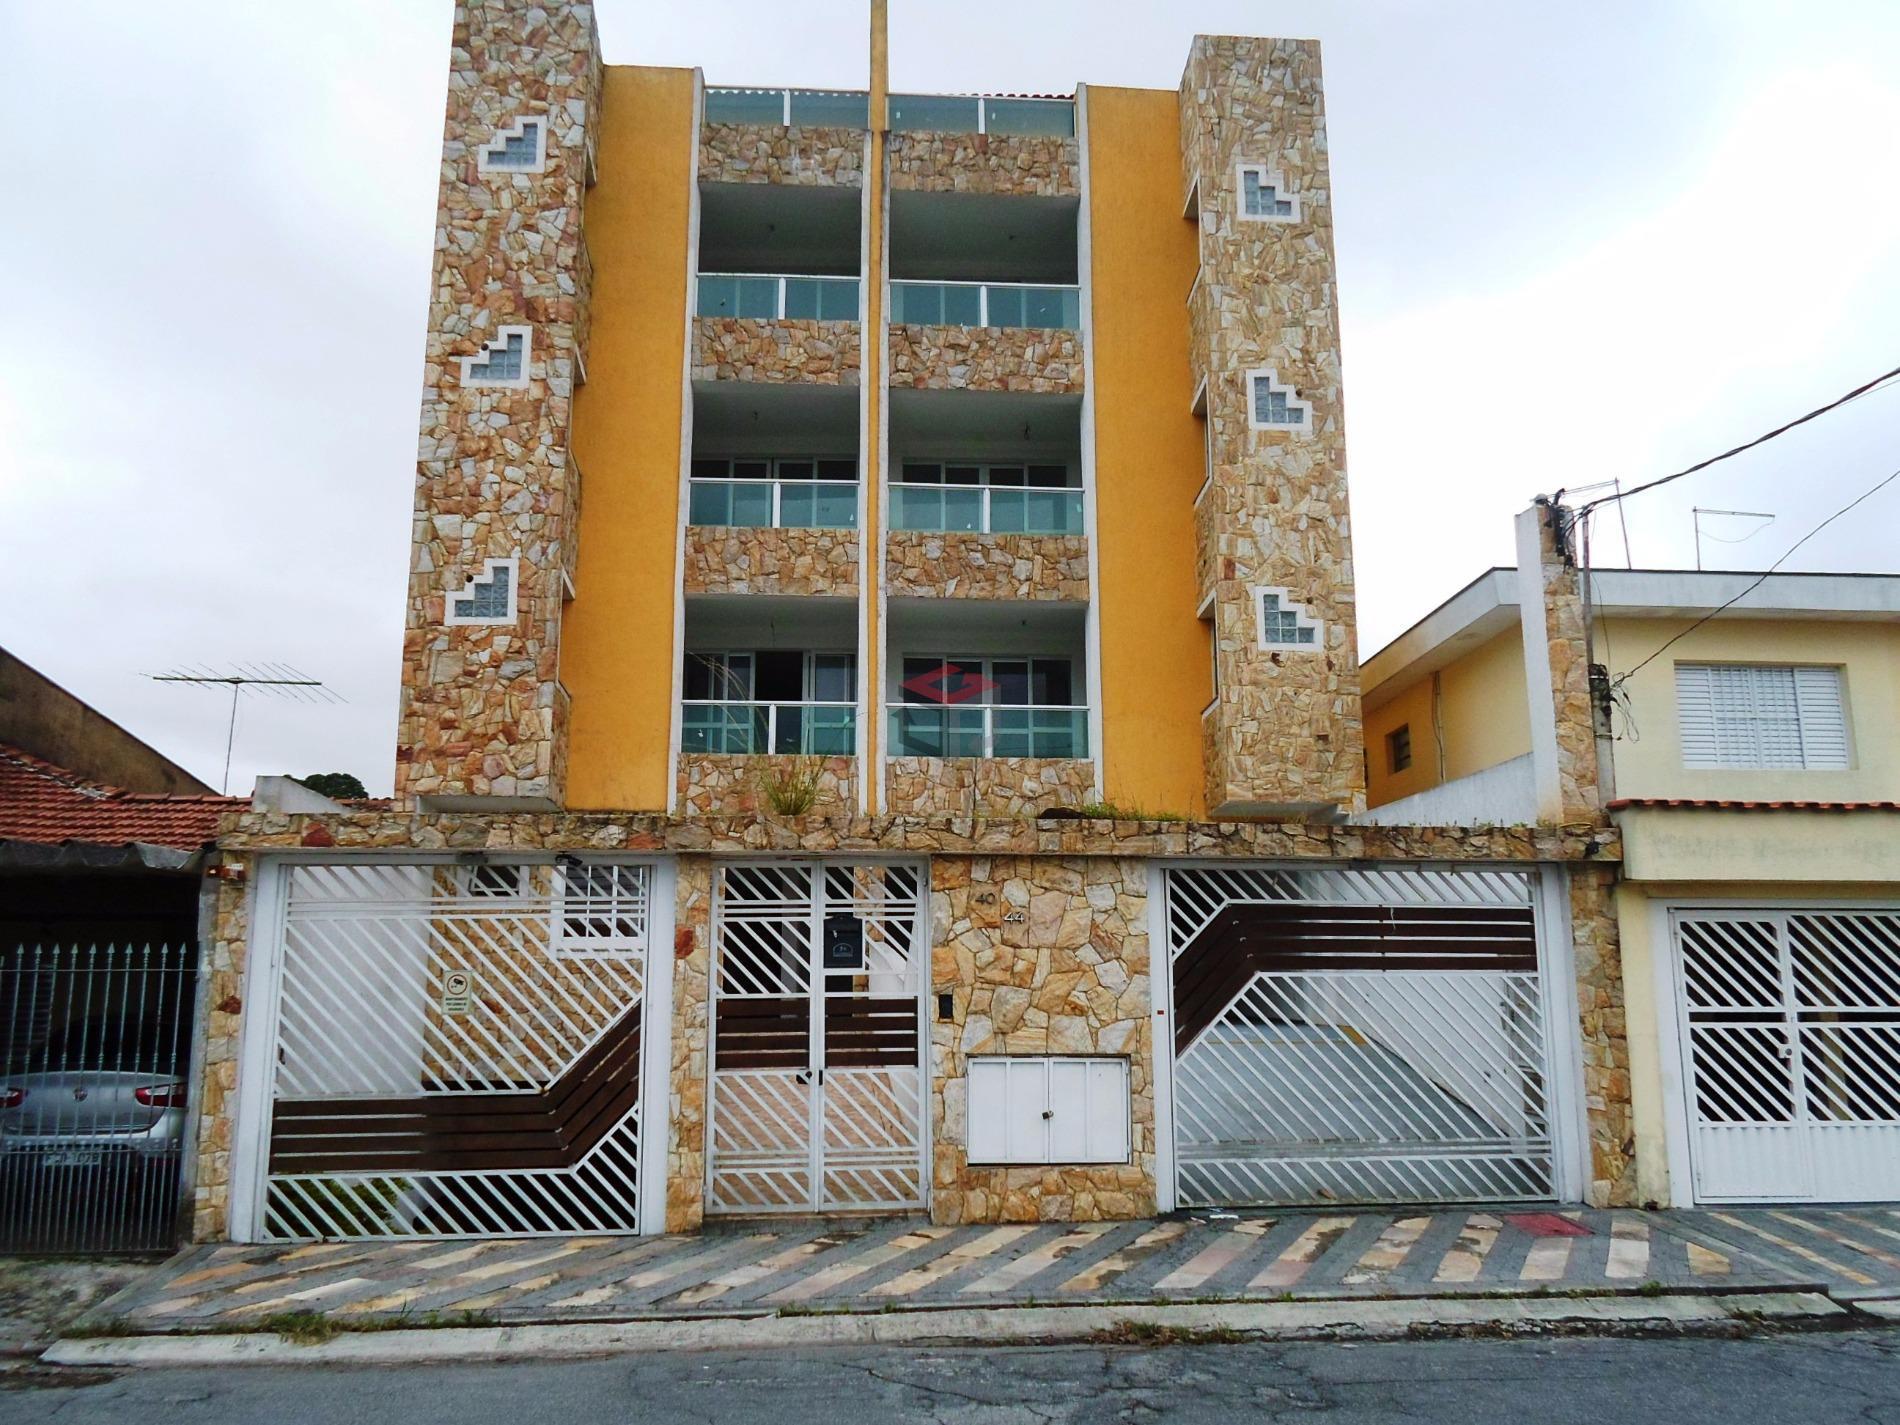 Cobertura residencial à venda, Assunção, São Bernardo do Campo - CO49870.